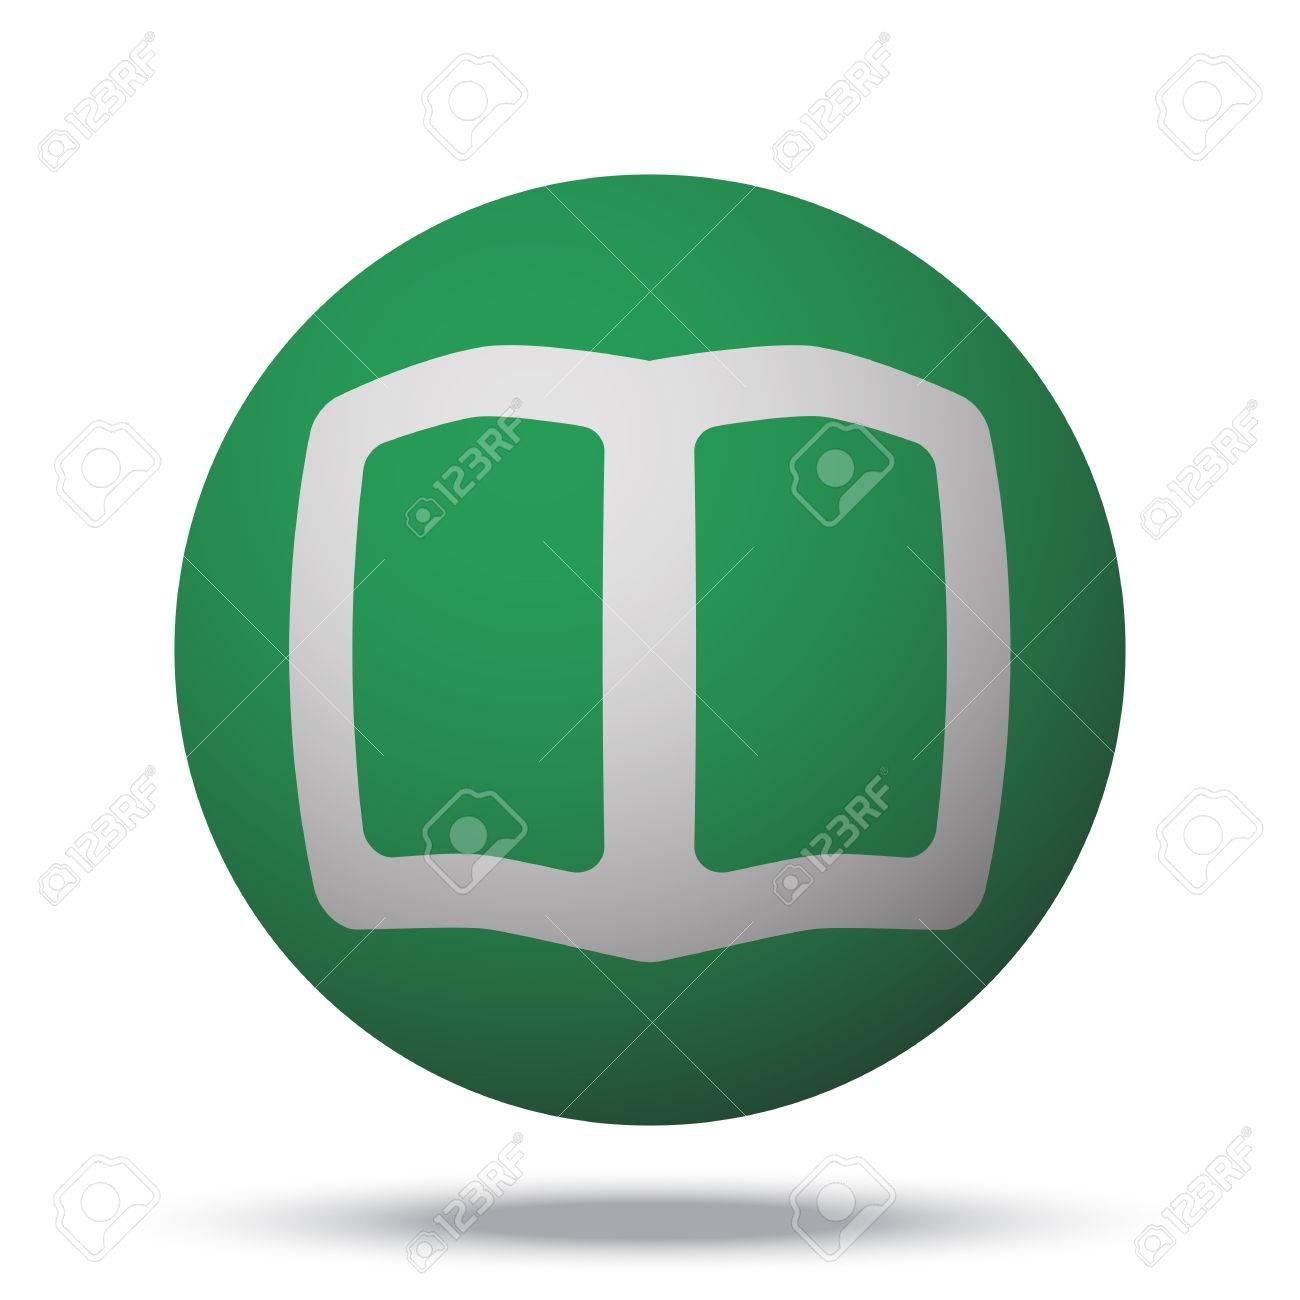 Livre Blanc Icone Web Sur Le Vert Sphere Balle